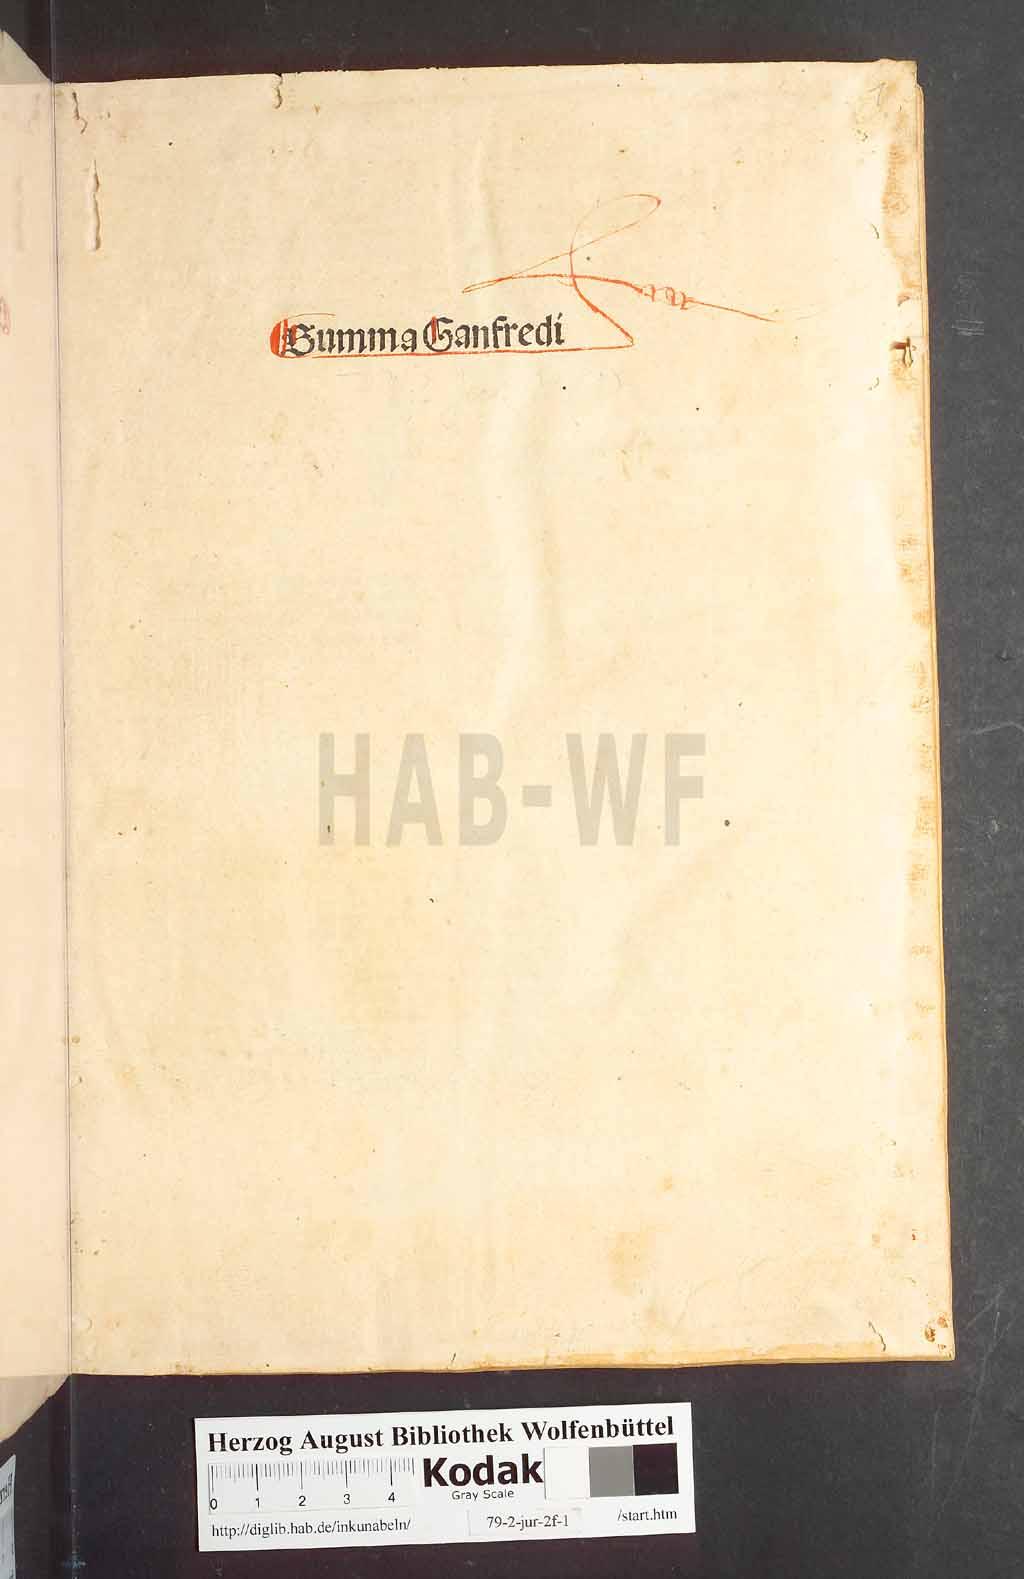 https://diglib.hab.de/inkunabeln/79-2-jur-2f-1/00001.jpg